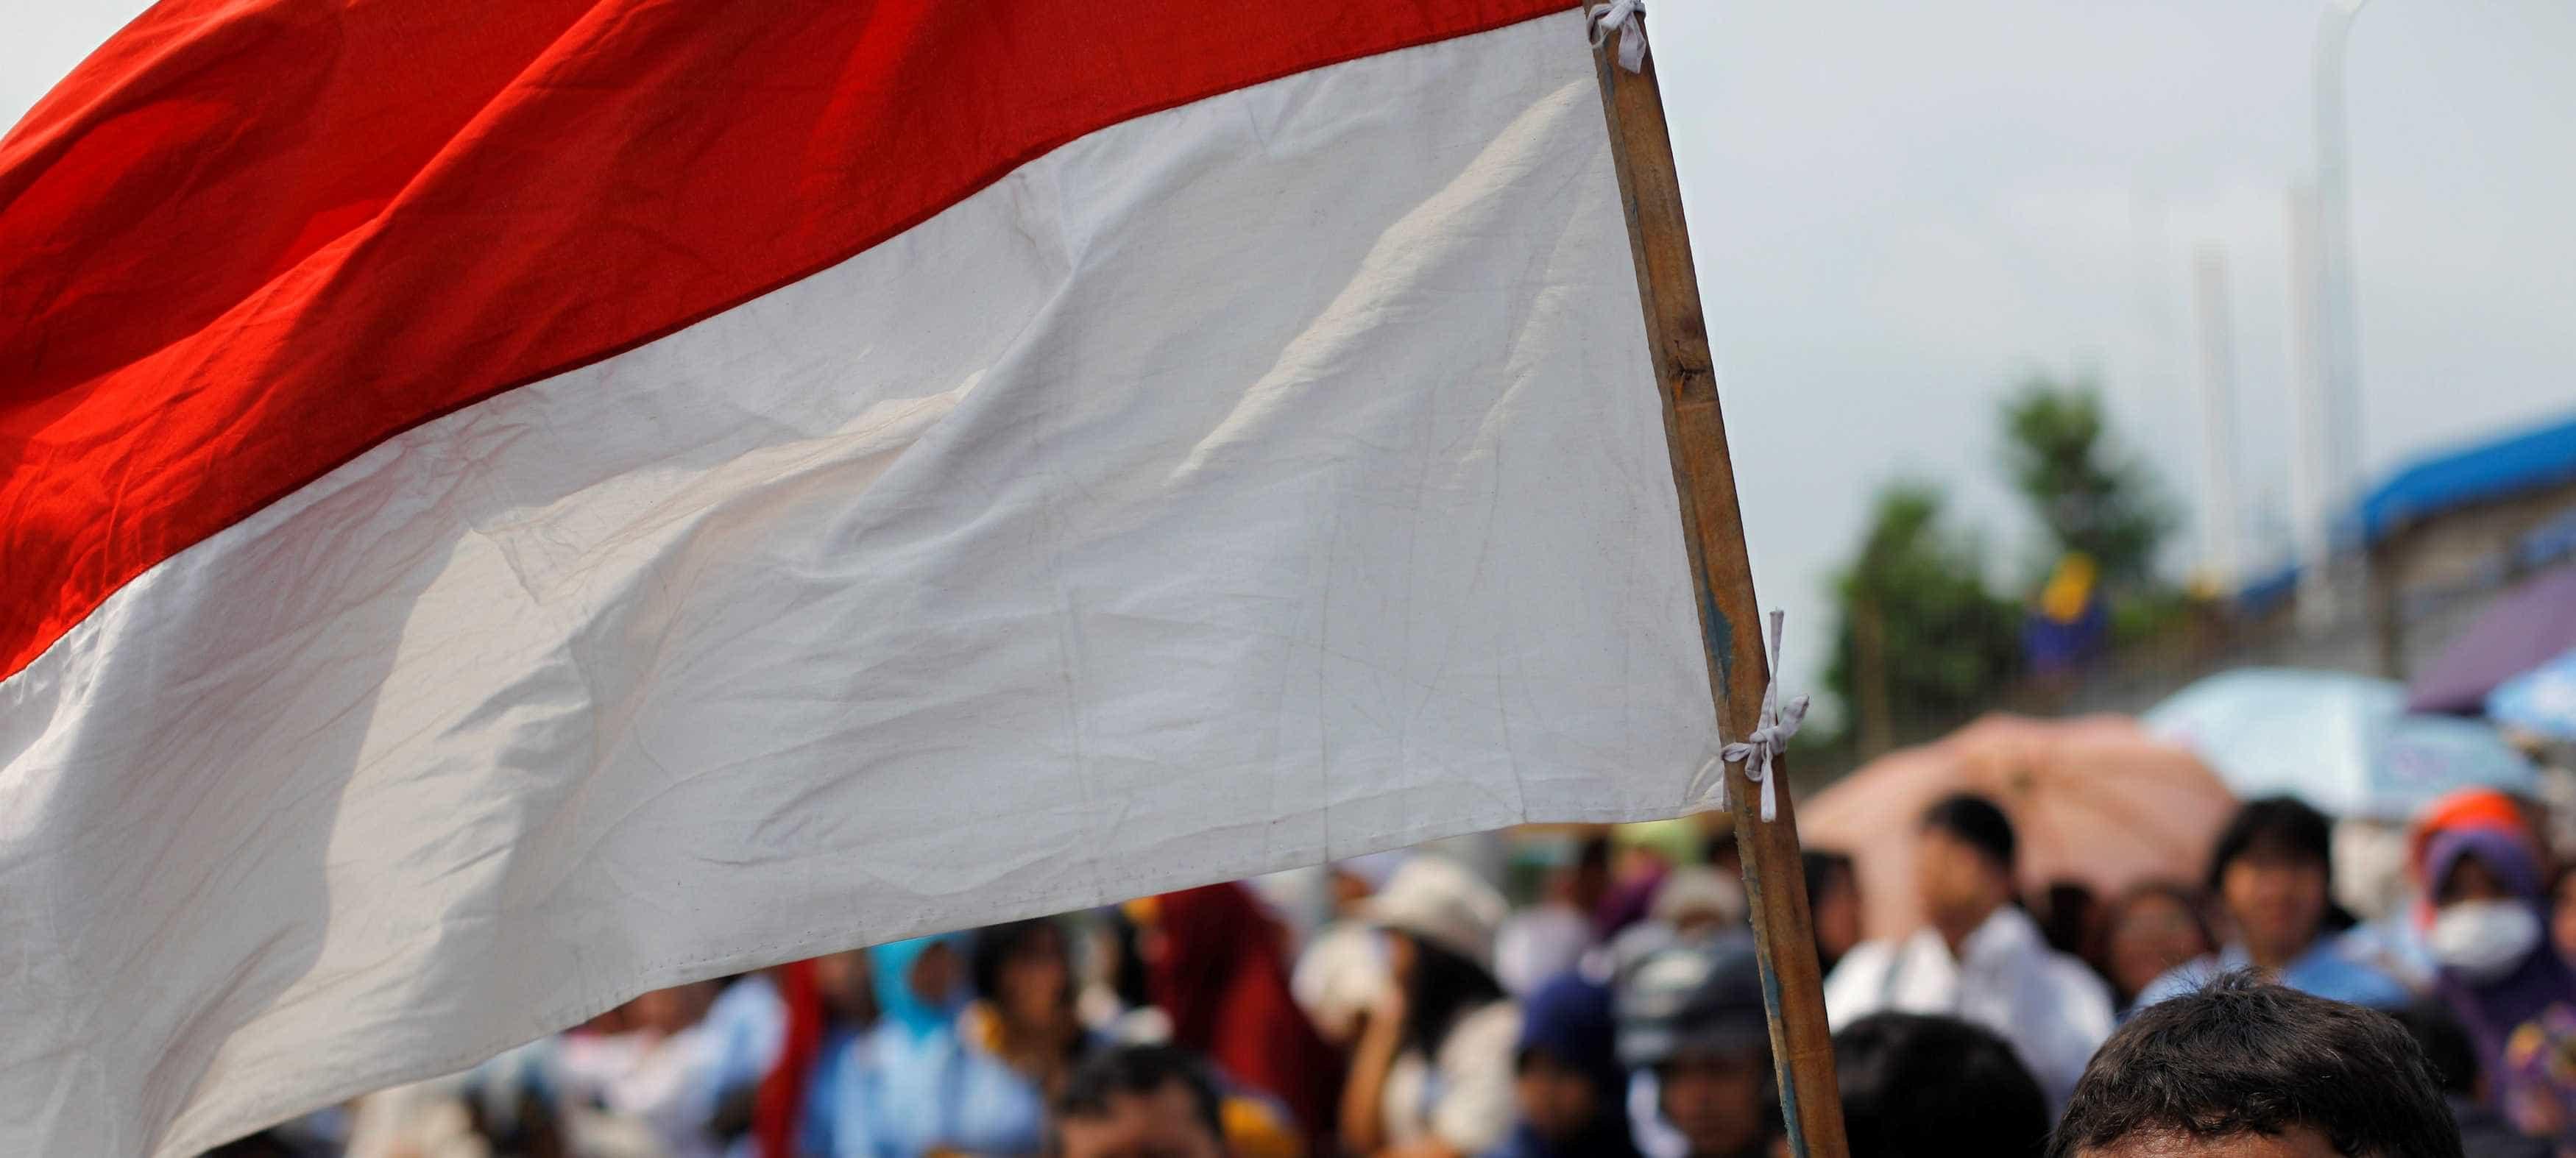 Atentados suicidas em igrejas na Indonésia deixam 9 mortos e 40 feridos